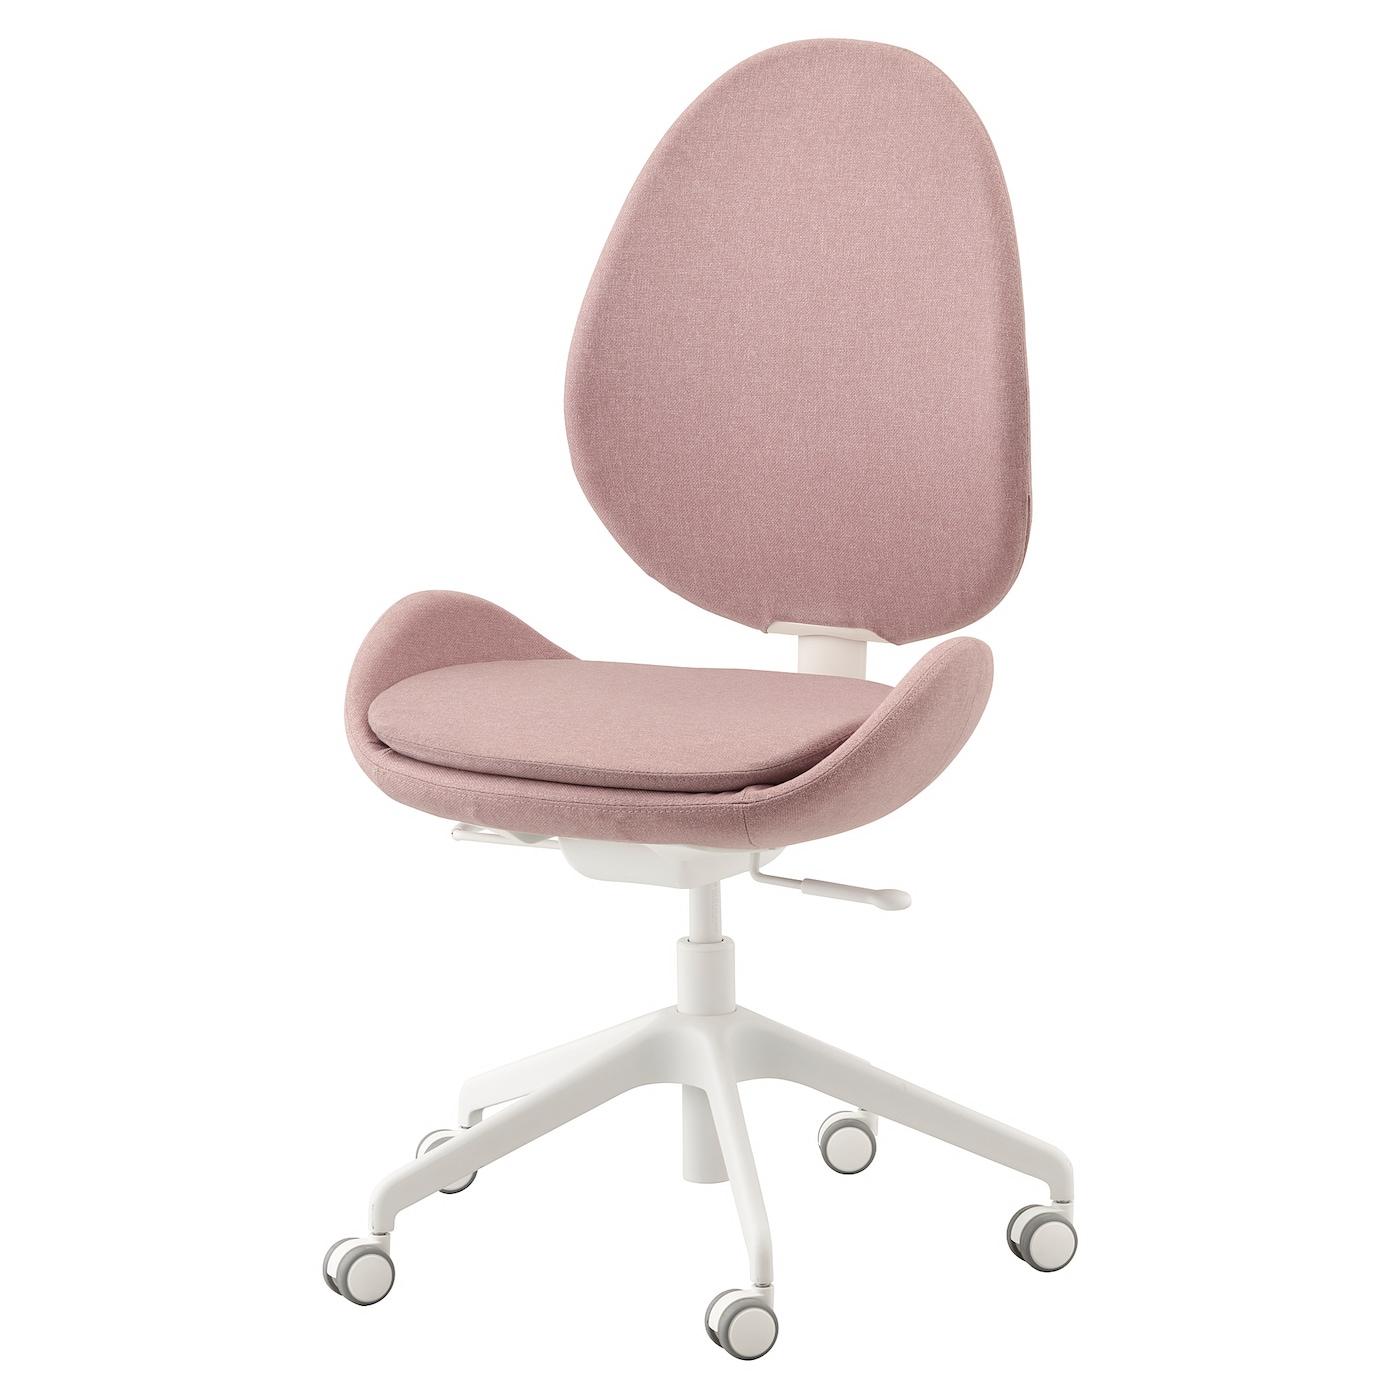 silla de estudio rosa ikea